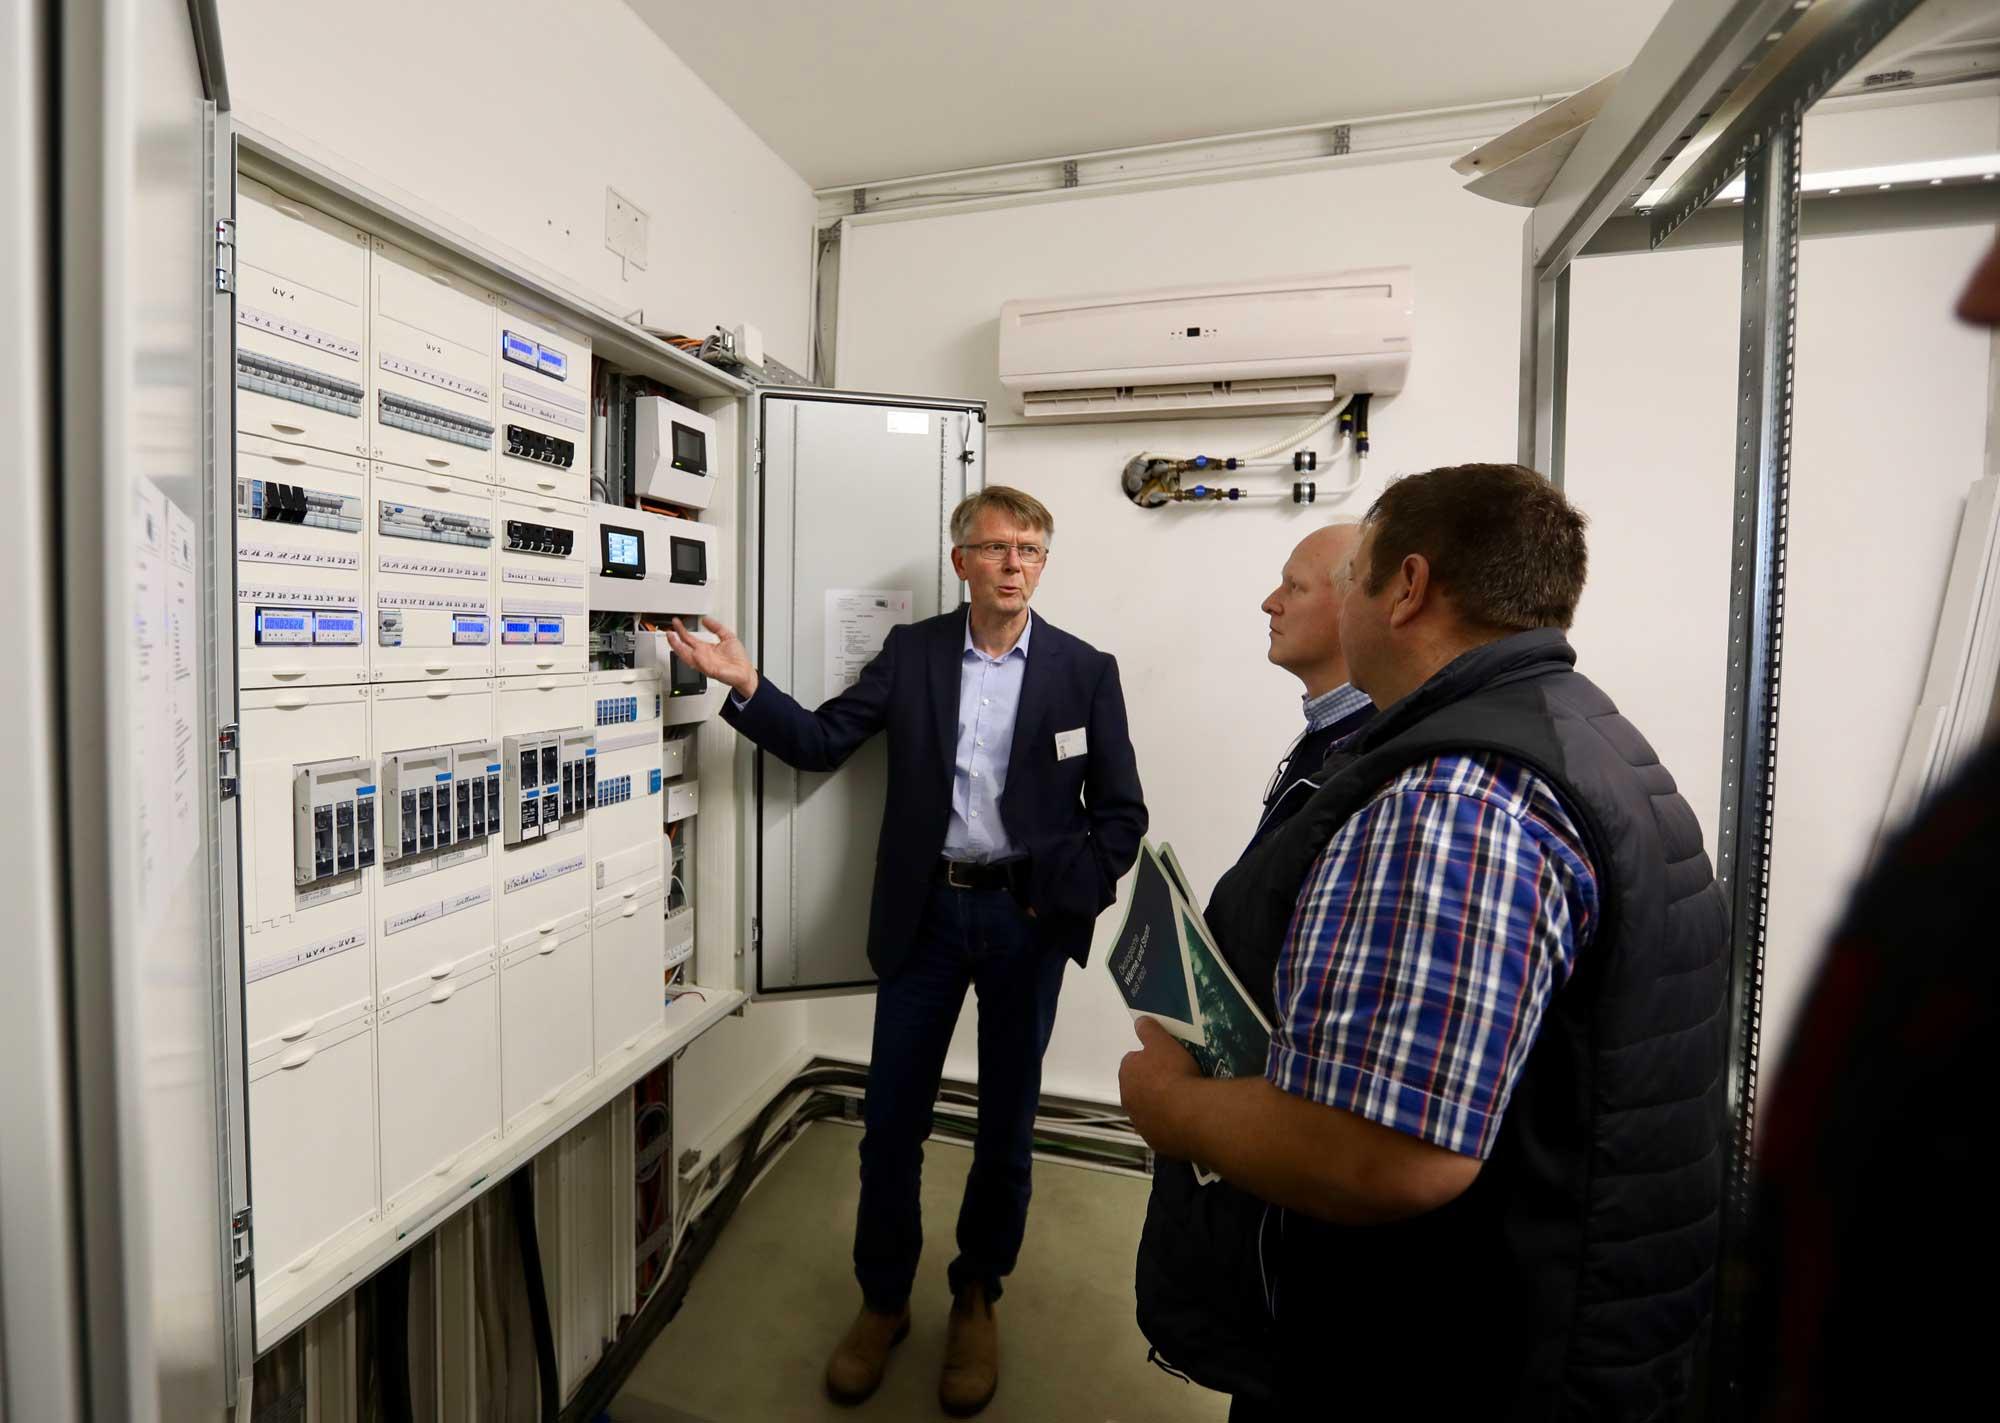 Stephan Janbeck erklärt alles zum Thema Monitoring und Automatisierung